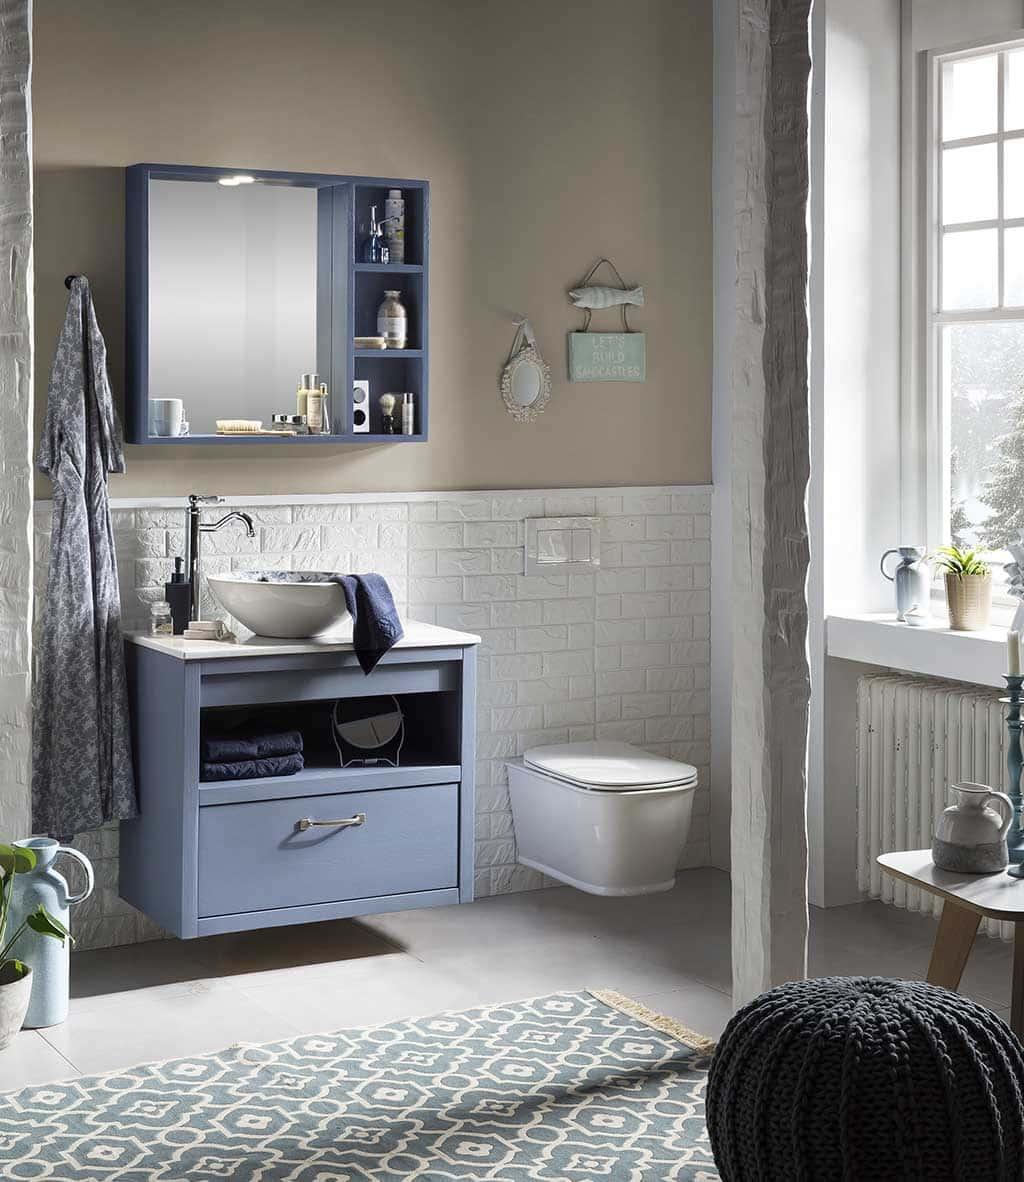 badkamermeubel met een wandtoilet en spiegelkast